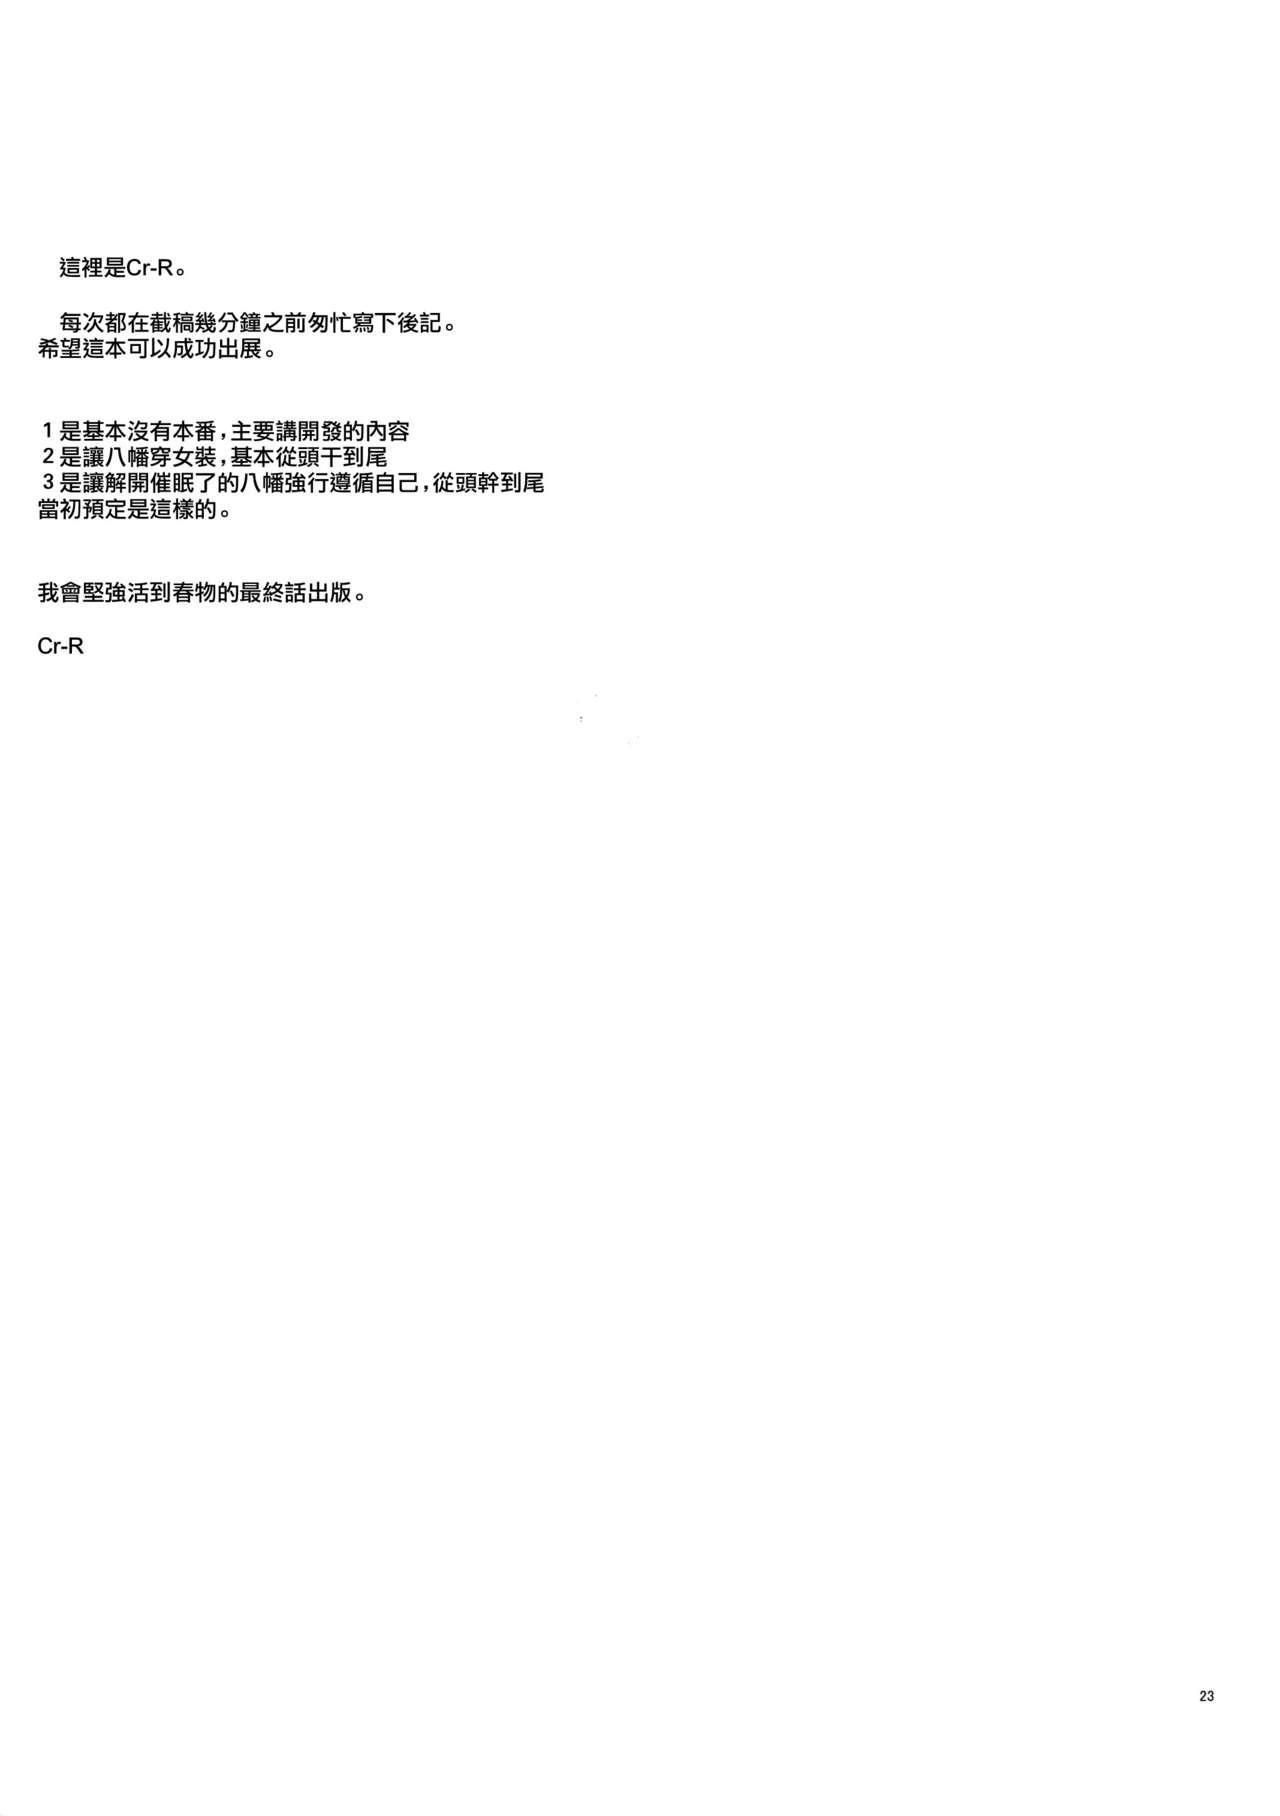 Hikigaya Hachiman o Saiminjutsu de Kanojo ni Shite Yaritai Houdai Suru Hon. 2 | 比企谷八幡被下催眠术成女友随便给人干的本。2 22